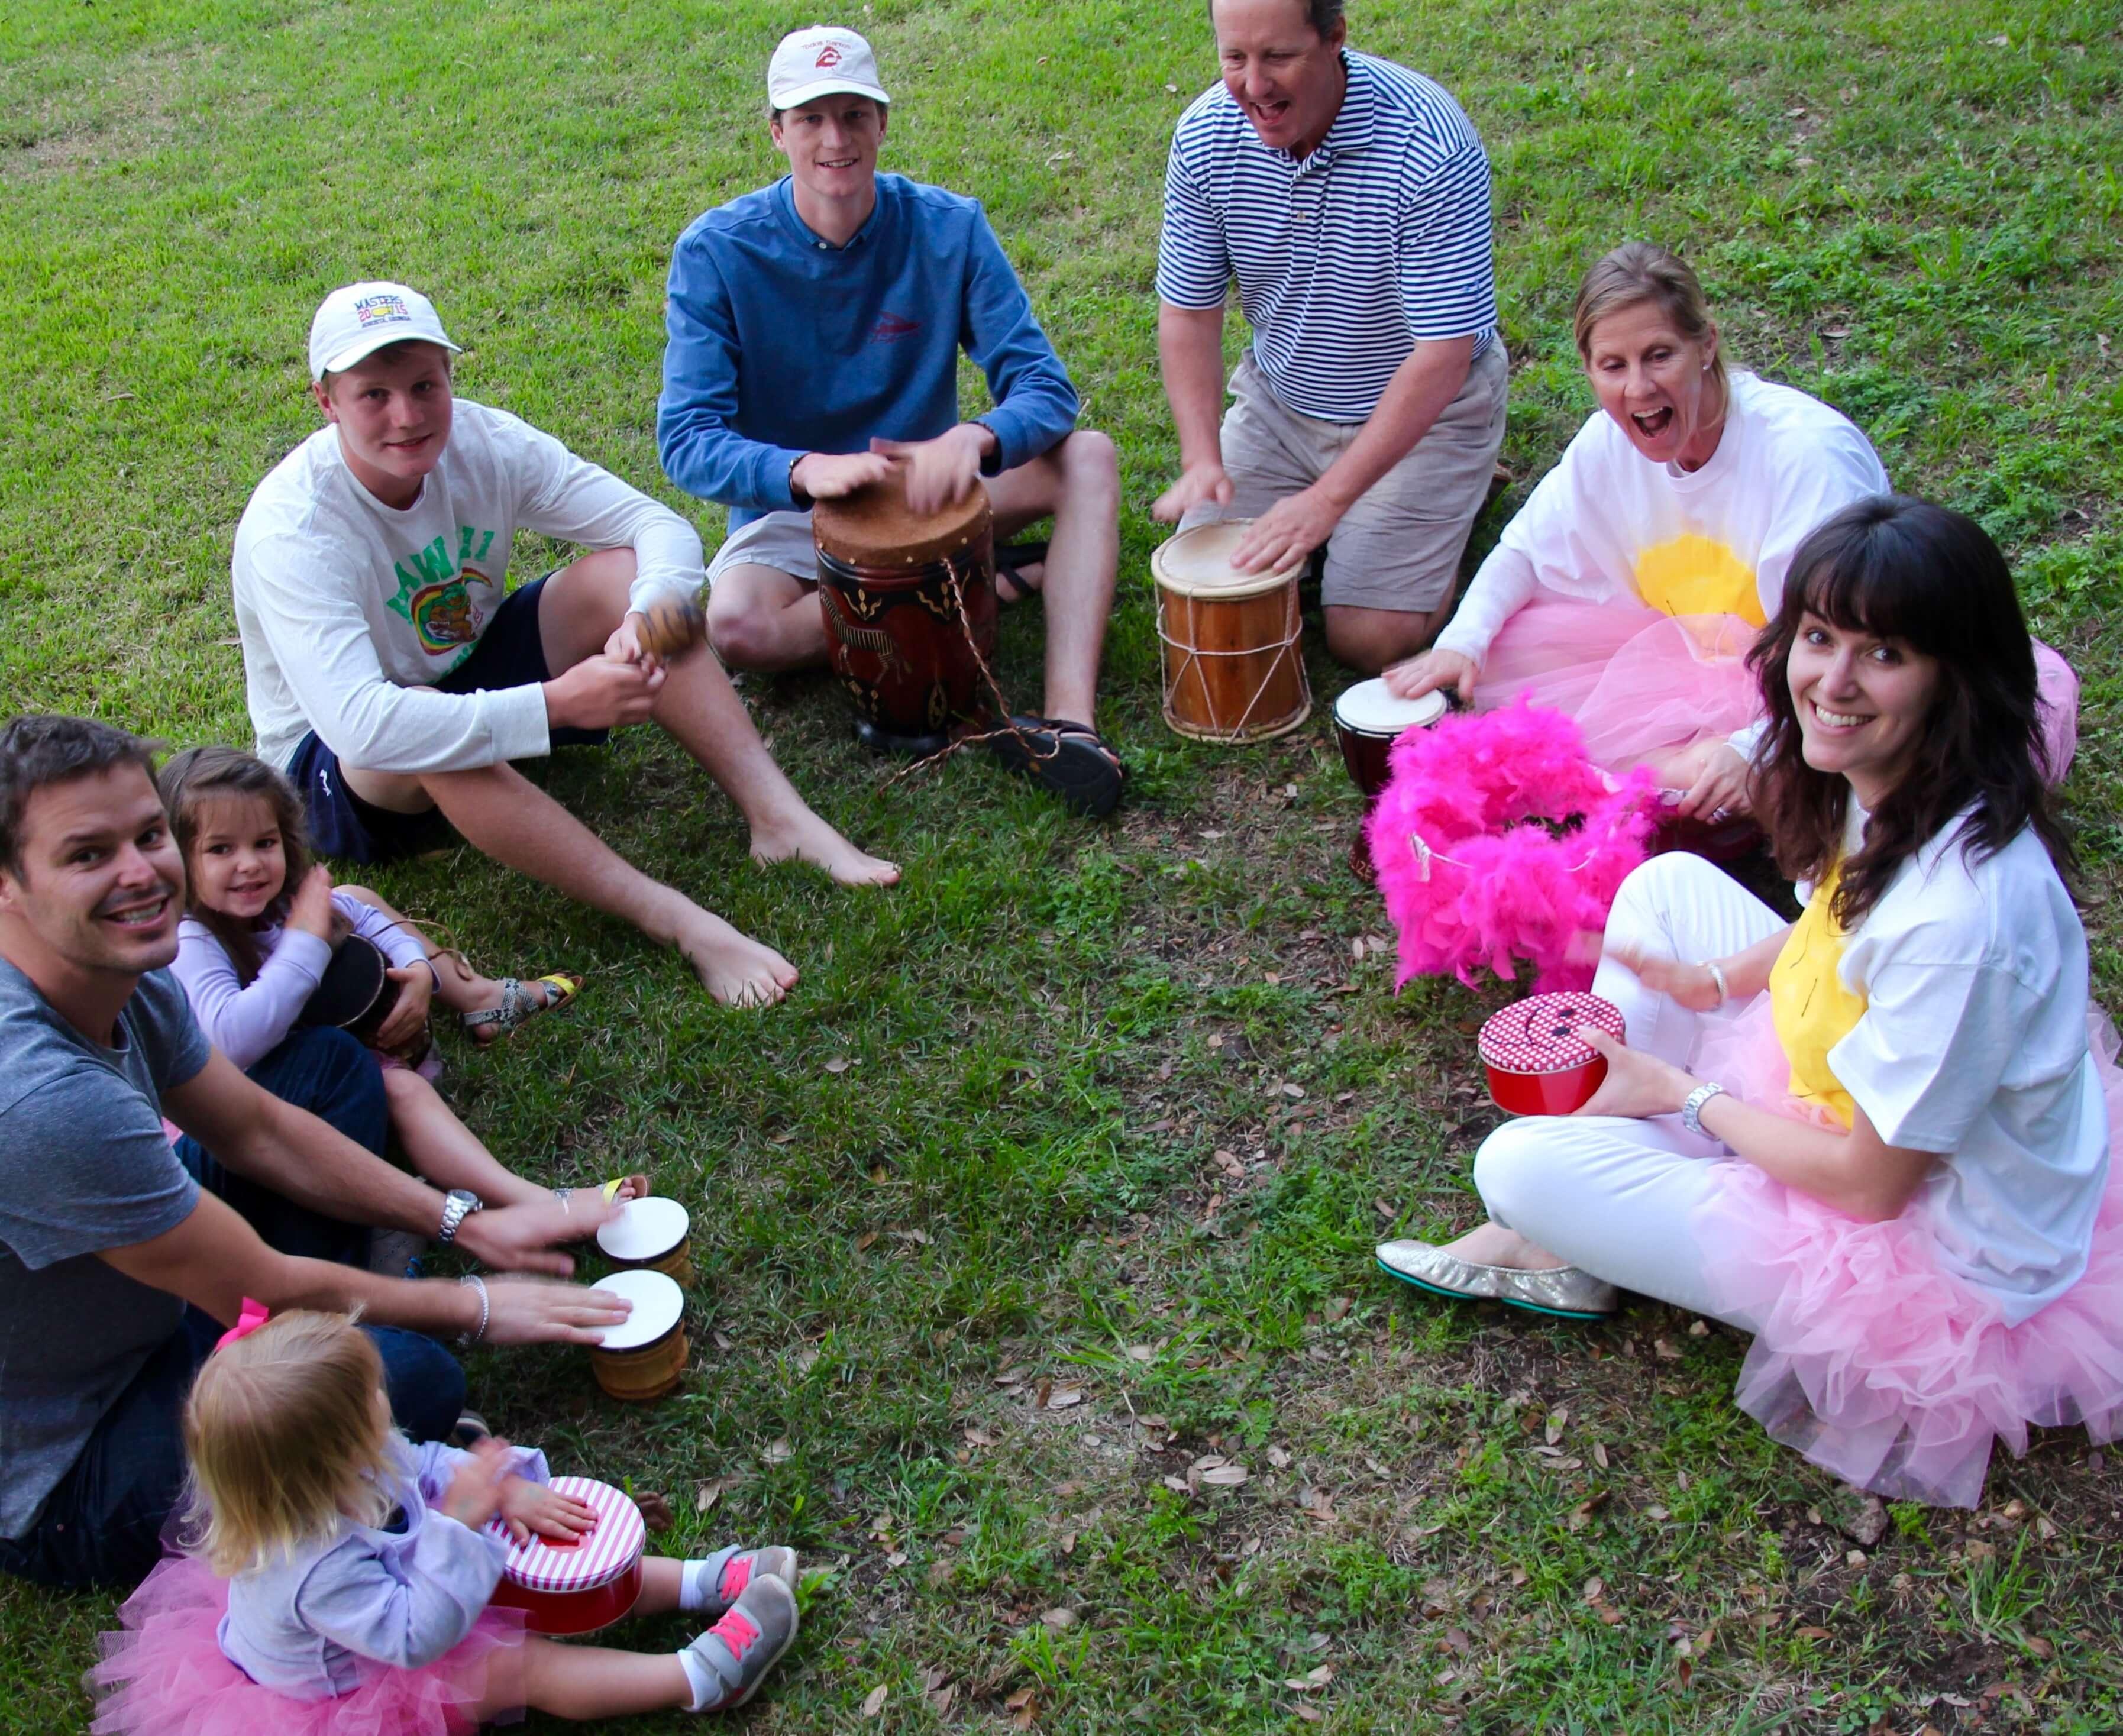 Family Drum Circle Kat Kronenberg